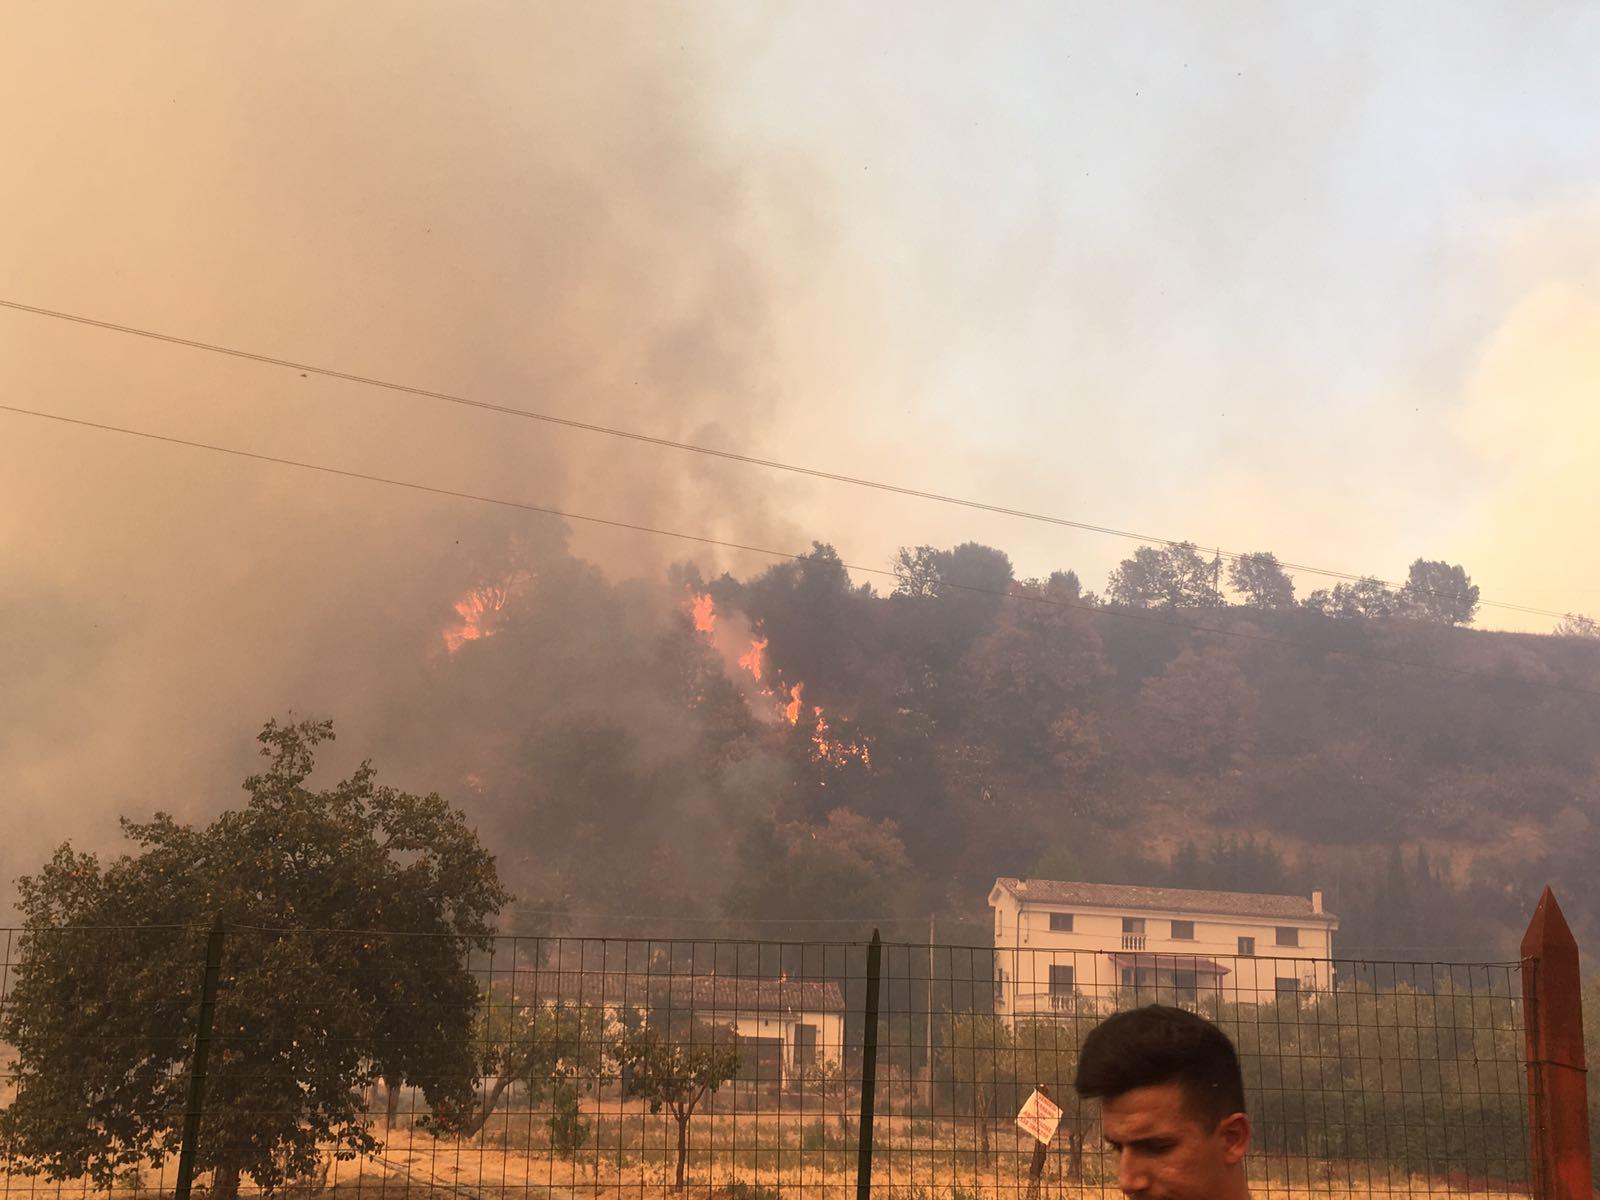 VIDEO - Clinica del Cosentino minacciata dalle fiamme, allertate ambulanze in caso di trasferimento dei pazienti